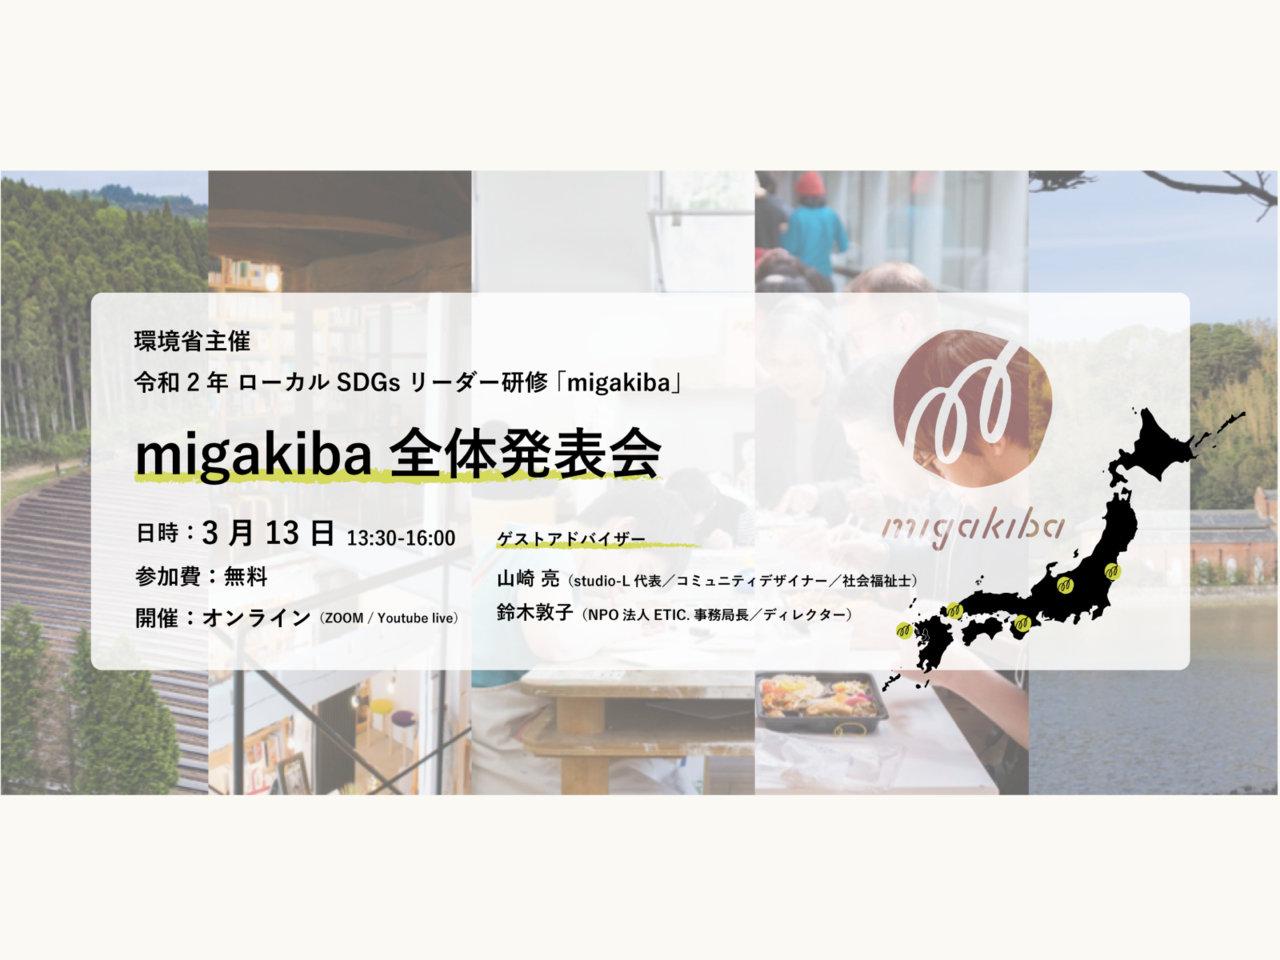 「ローカルSDGsリーダー研修migakiba」、3月13日(土)